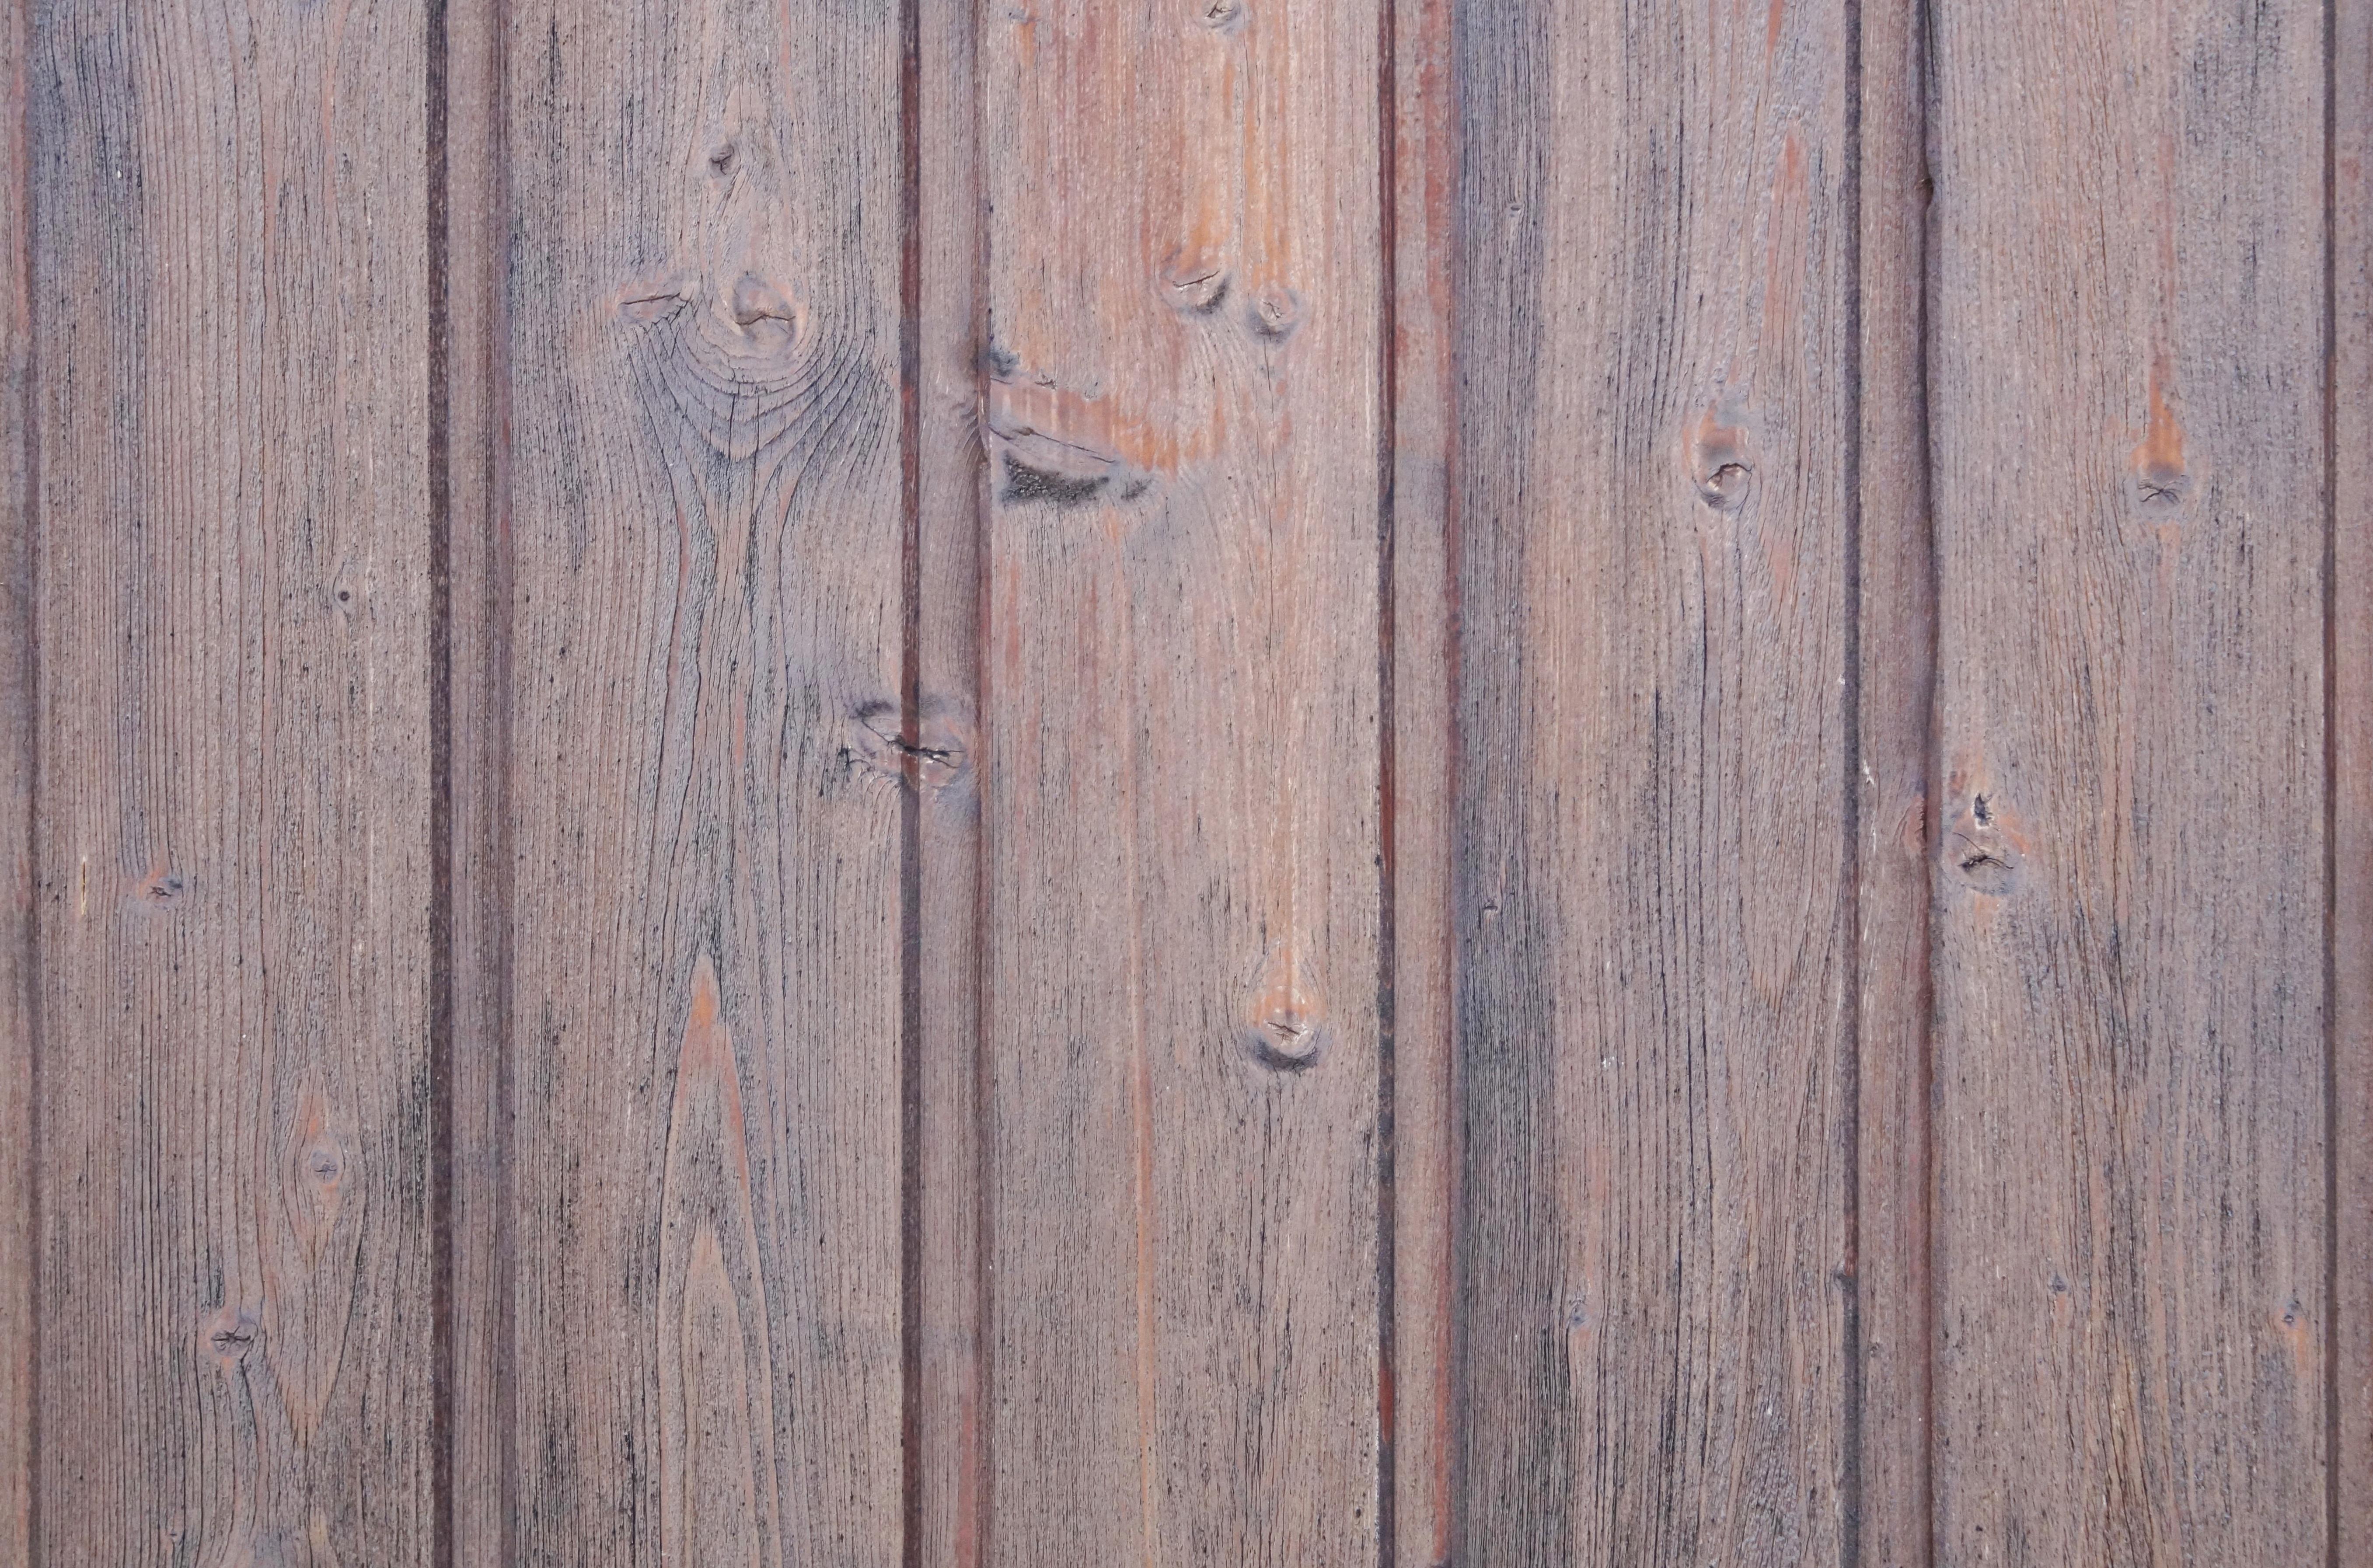 Wonderbaarlijk Gratis Afbeeldingen : hek, structuur, hout, graan, plank HV-18